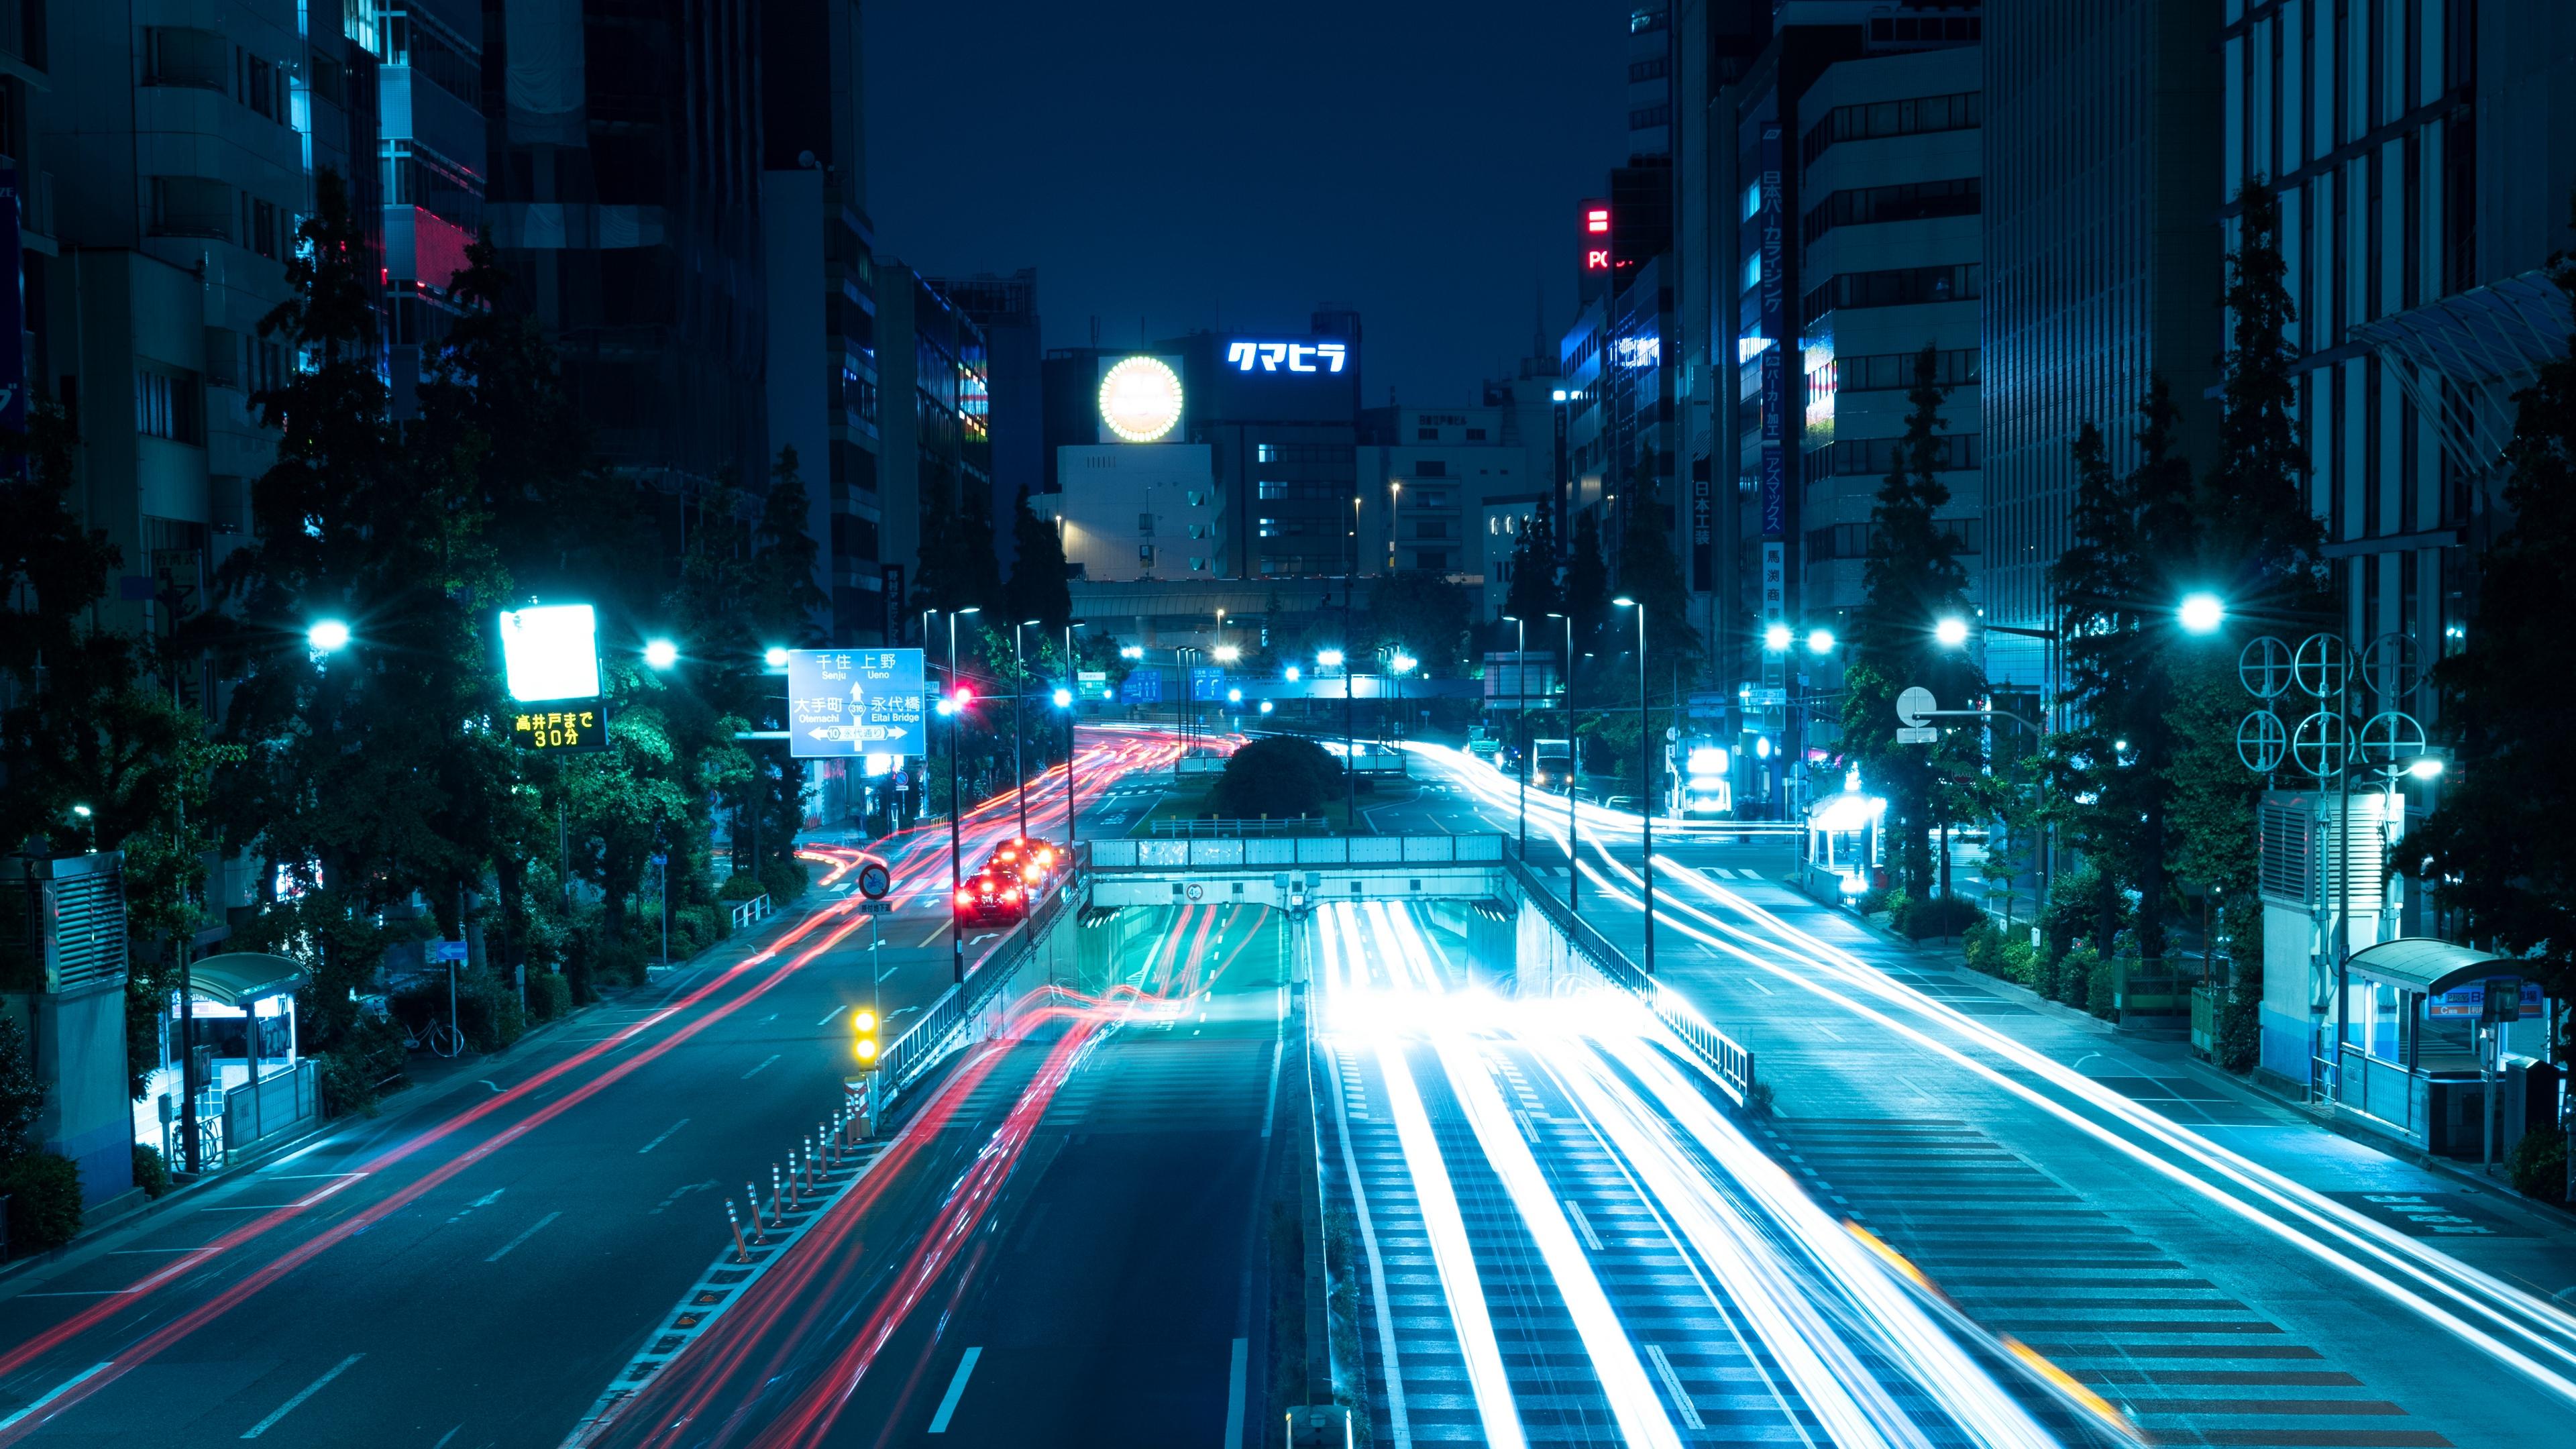 night city road light city lights tokyo japan 4k 1538066302 - night city, road, light, city lights, tokyo, japan 4k - Road, night city, Light